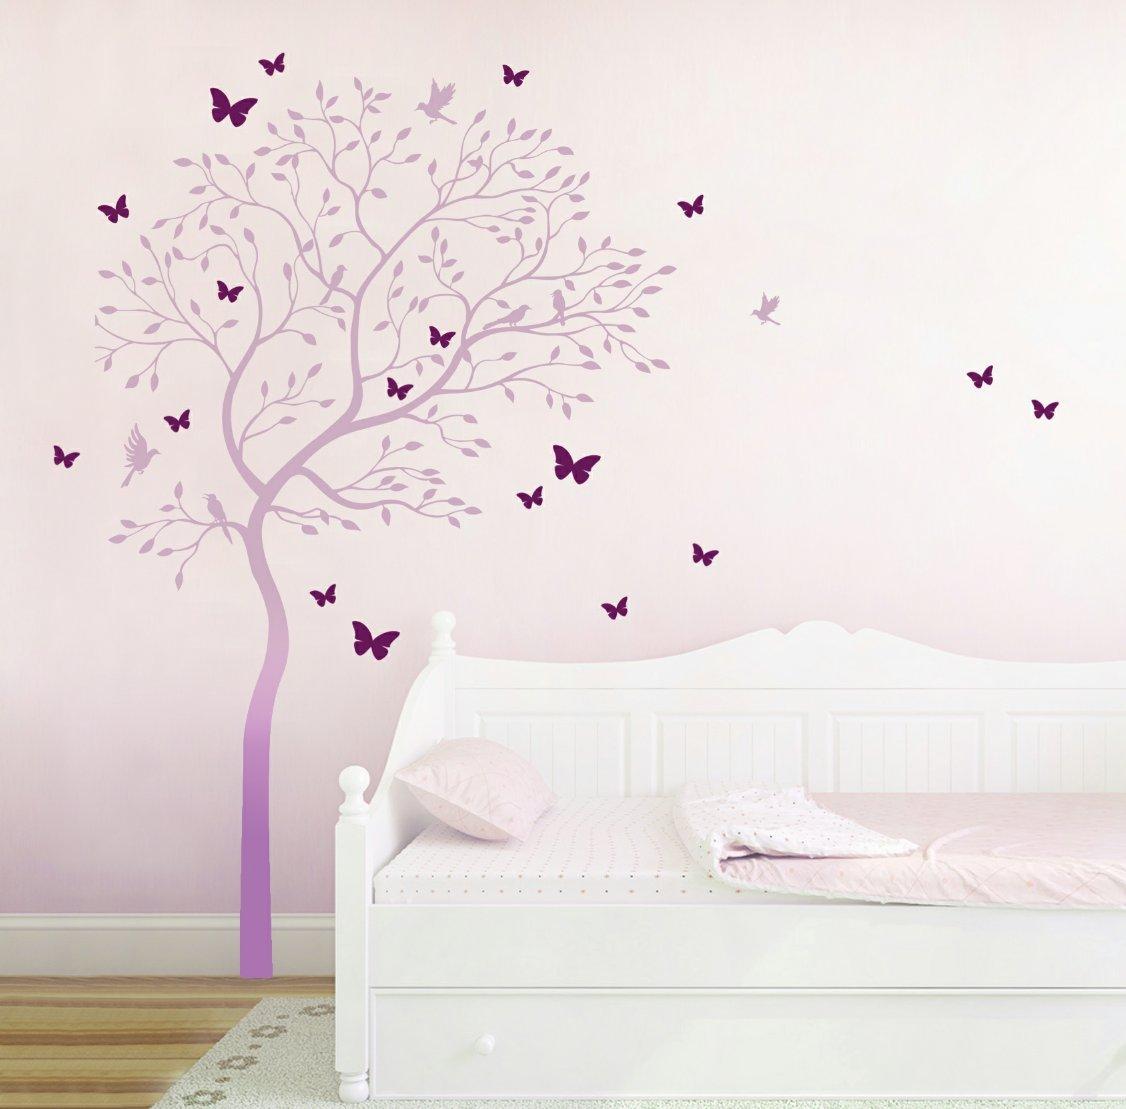 Wandtattoo Wandaufkleber Baum mit Kolibris Kolibris Kolibris und Schmetterlinge M1535 zweifarbig - ausgewählte Farbe  Türkis Helltürkis - ausgewählte Größe  XL 120cm breit x 175cm hoch B00YXYS7EA Wandtattoos & Wandbilder b403c0